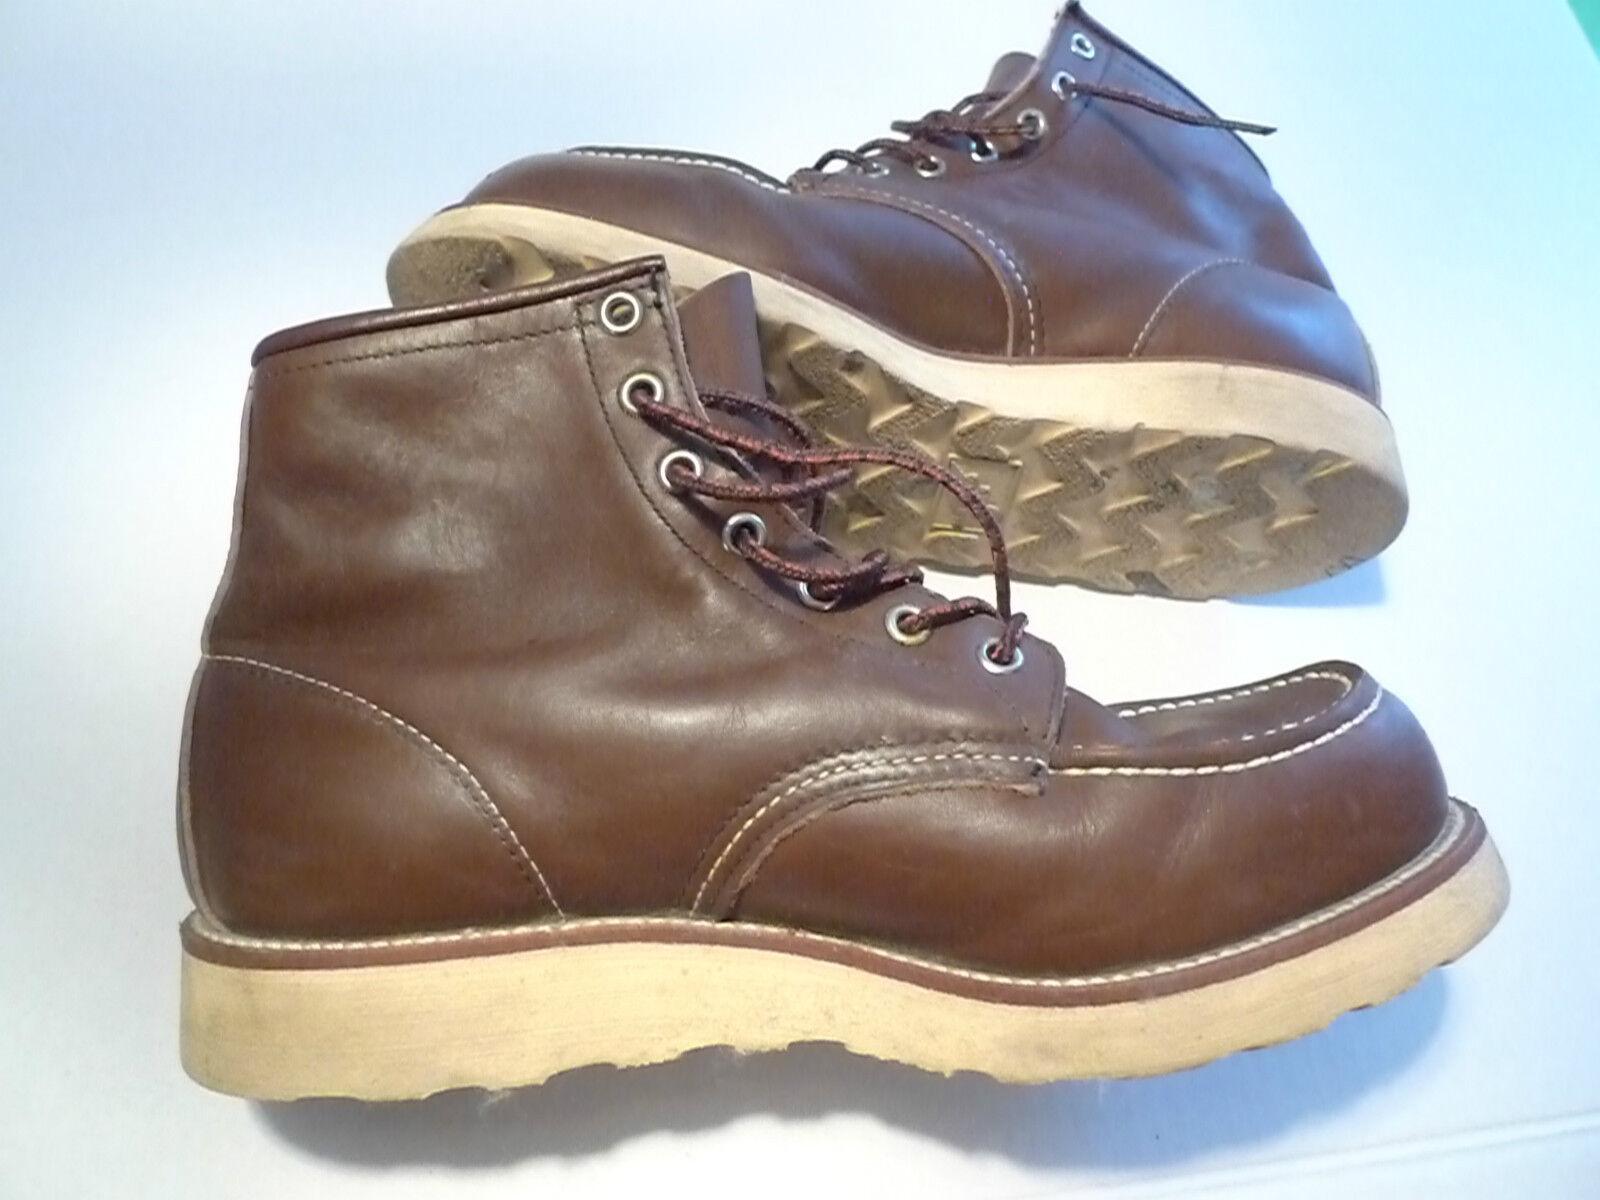 rojo Wing-Moc Toe 6  botas De Cuero-Modelo 17374-Hecho en EE. UU. -- Vintage - 8E